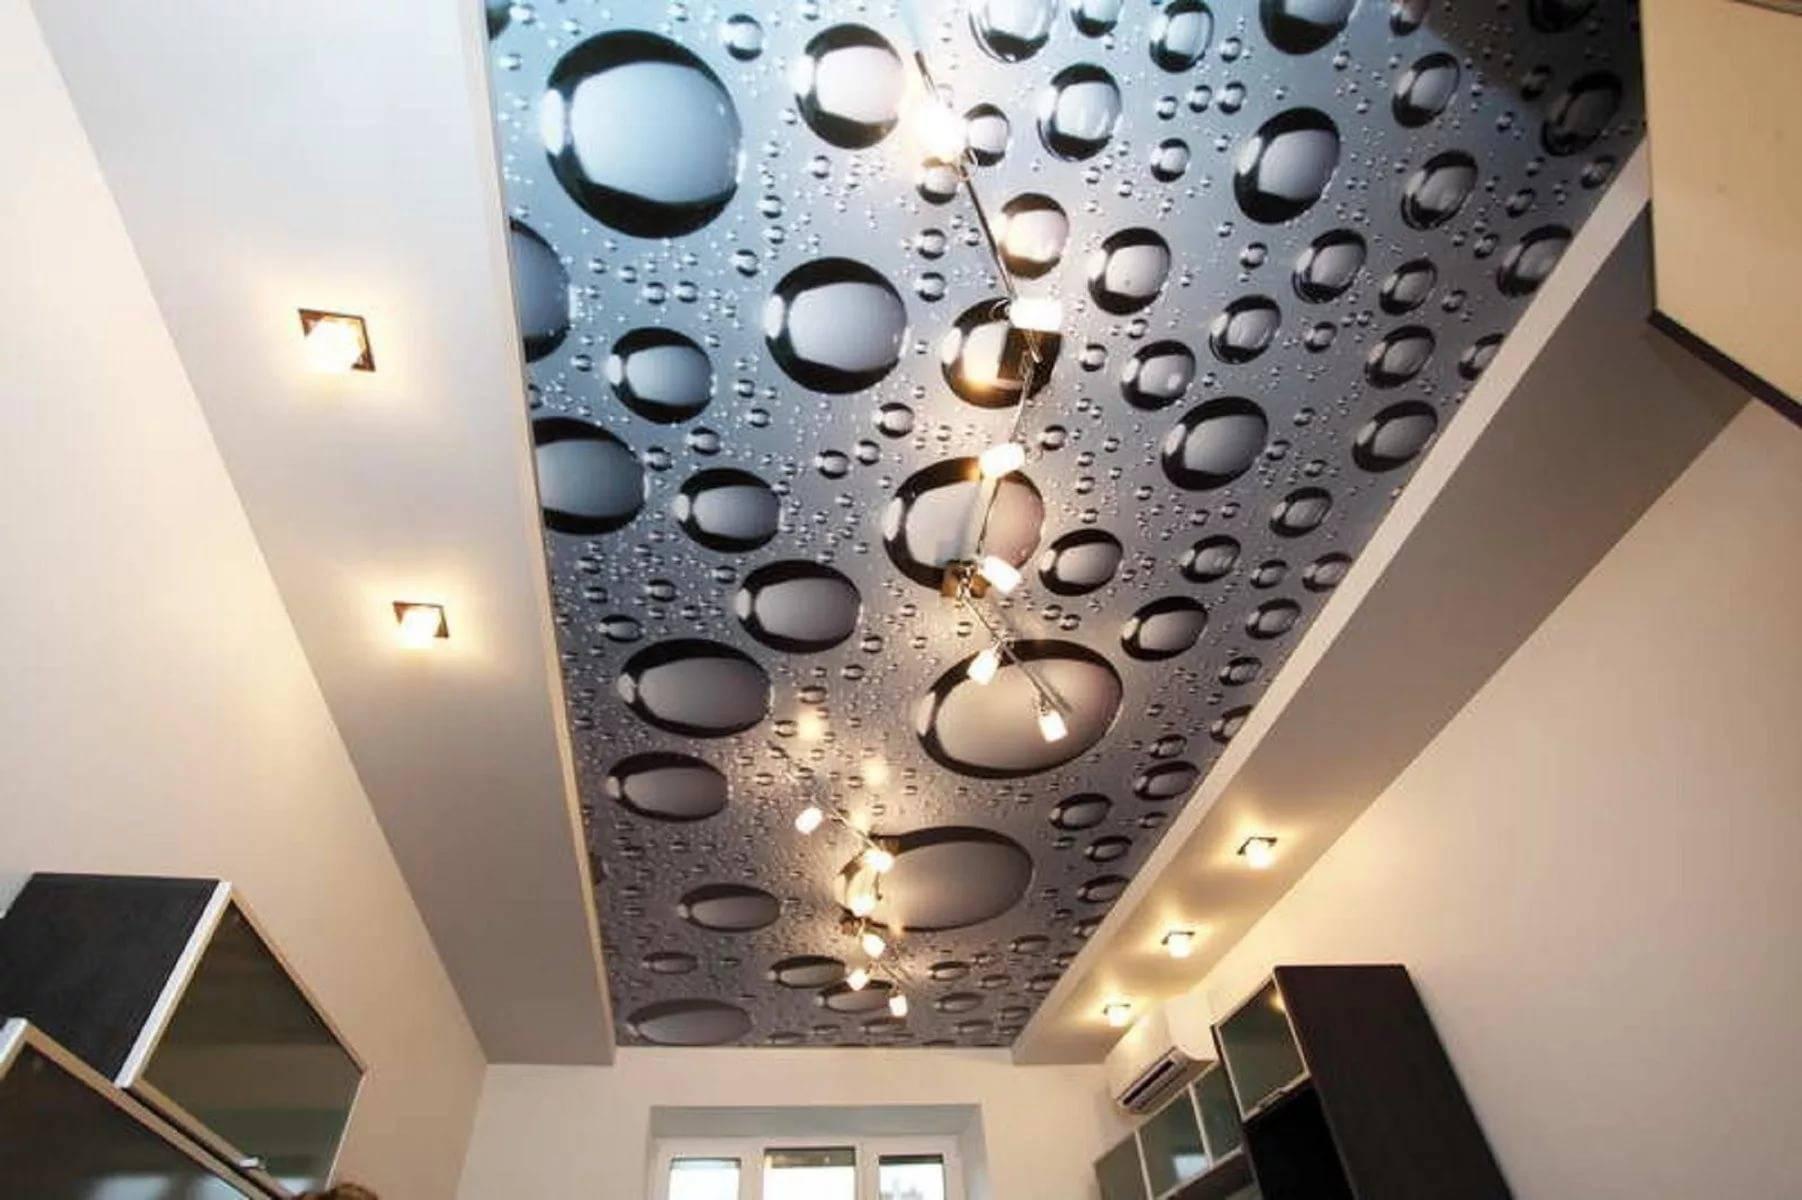 Технические характеристики натяжных потолков из виниловой пленки и ткани, фотографии и видео